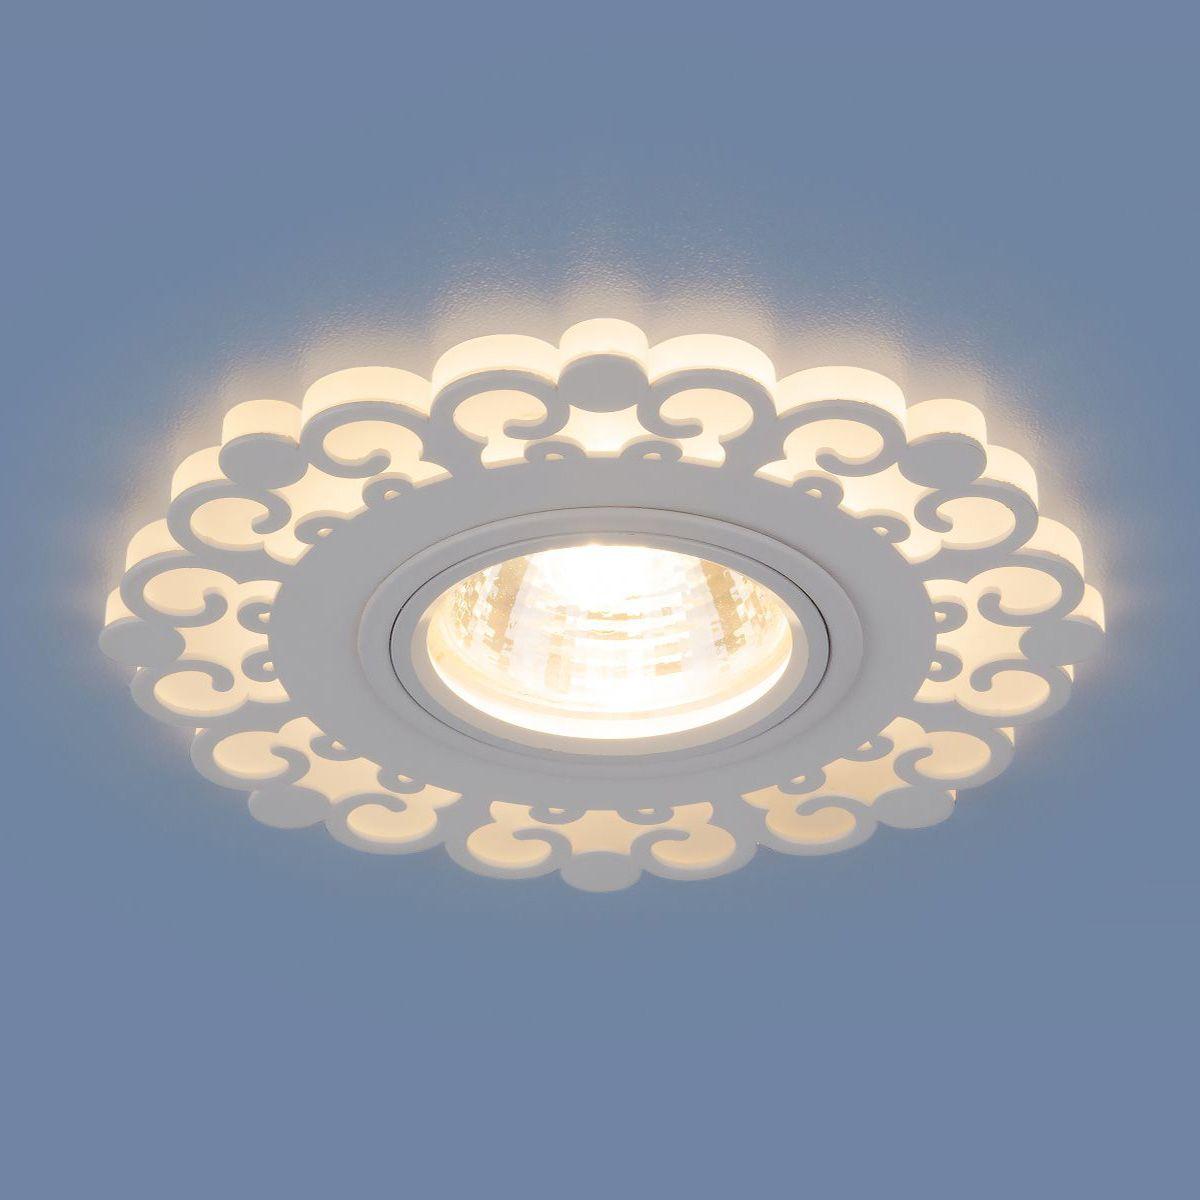 Точечный светильник с LED подсветкой 2196 MR16 WH белый